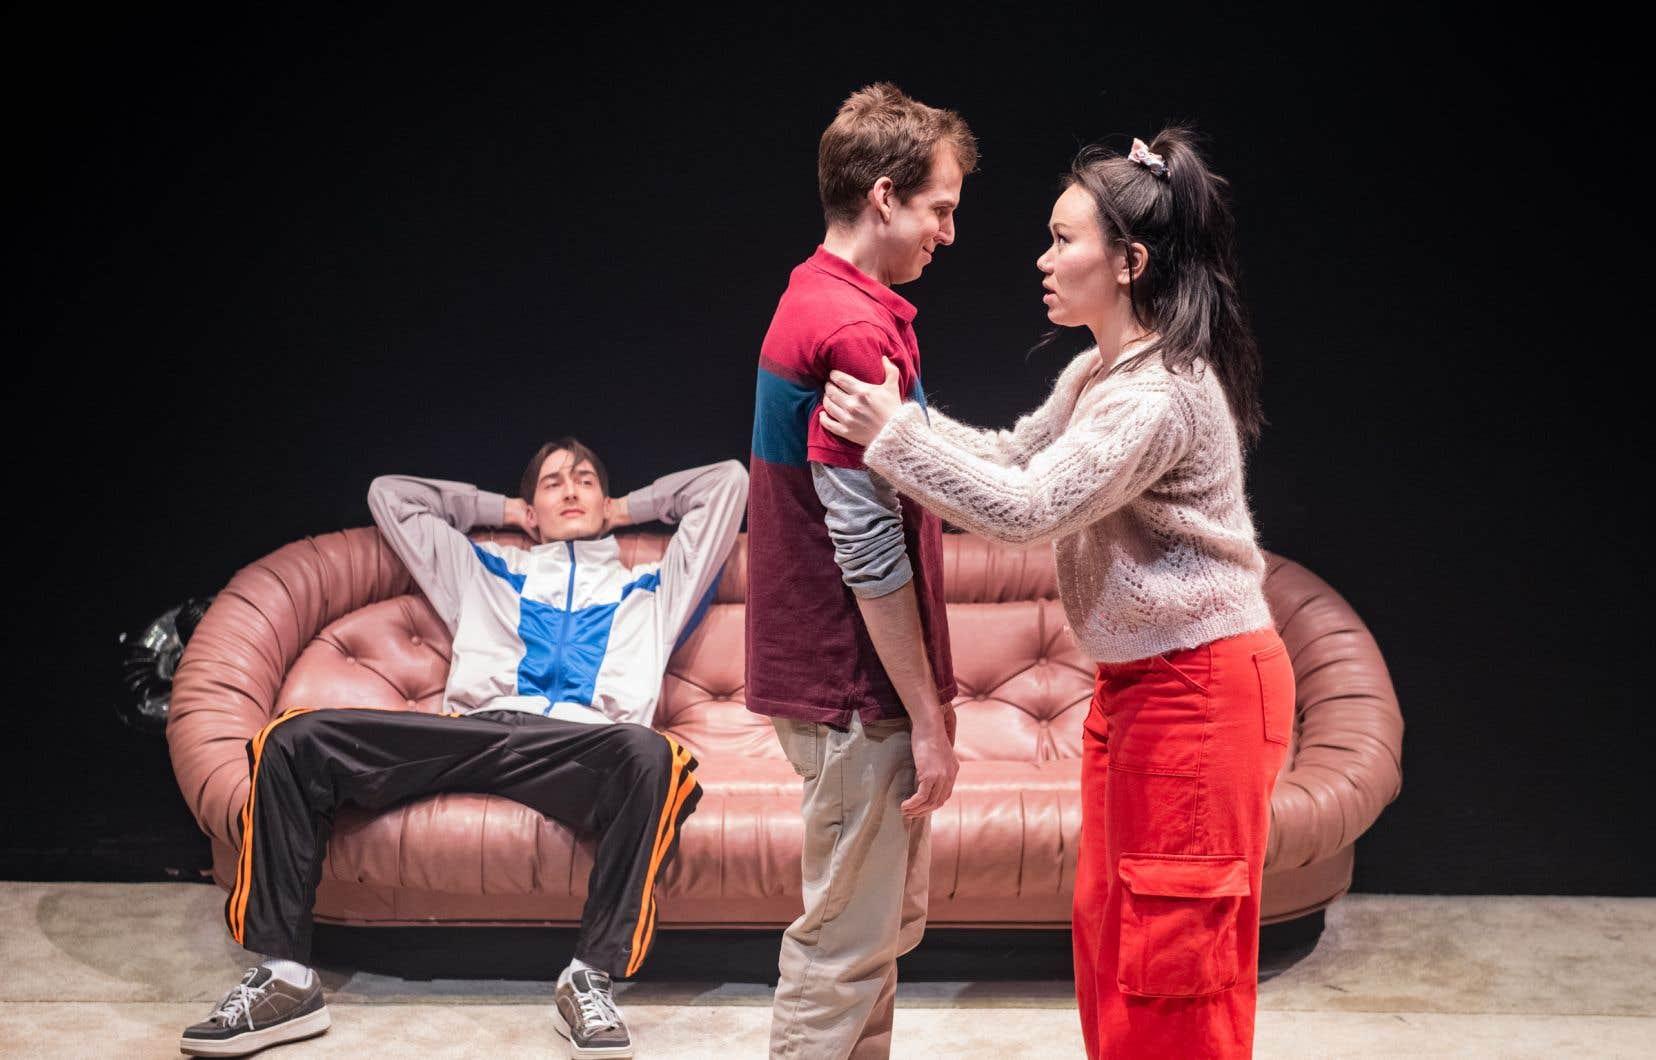 Samuel Brassard (au centre), Chloé Barshee et Guillaume Rodrigue incarnent Oli, So et Ben avec un bel abandon dans la pièce «Guide d'éducation sexuelle pour le nouveau millénaire».